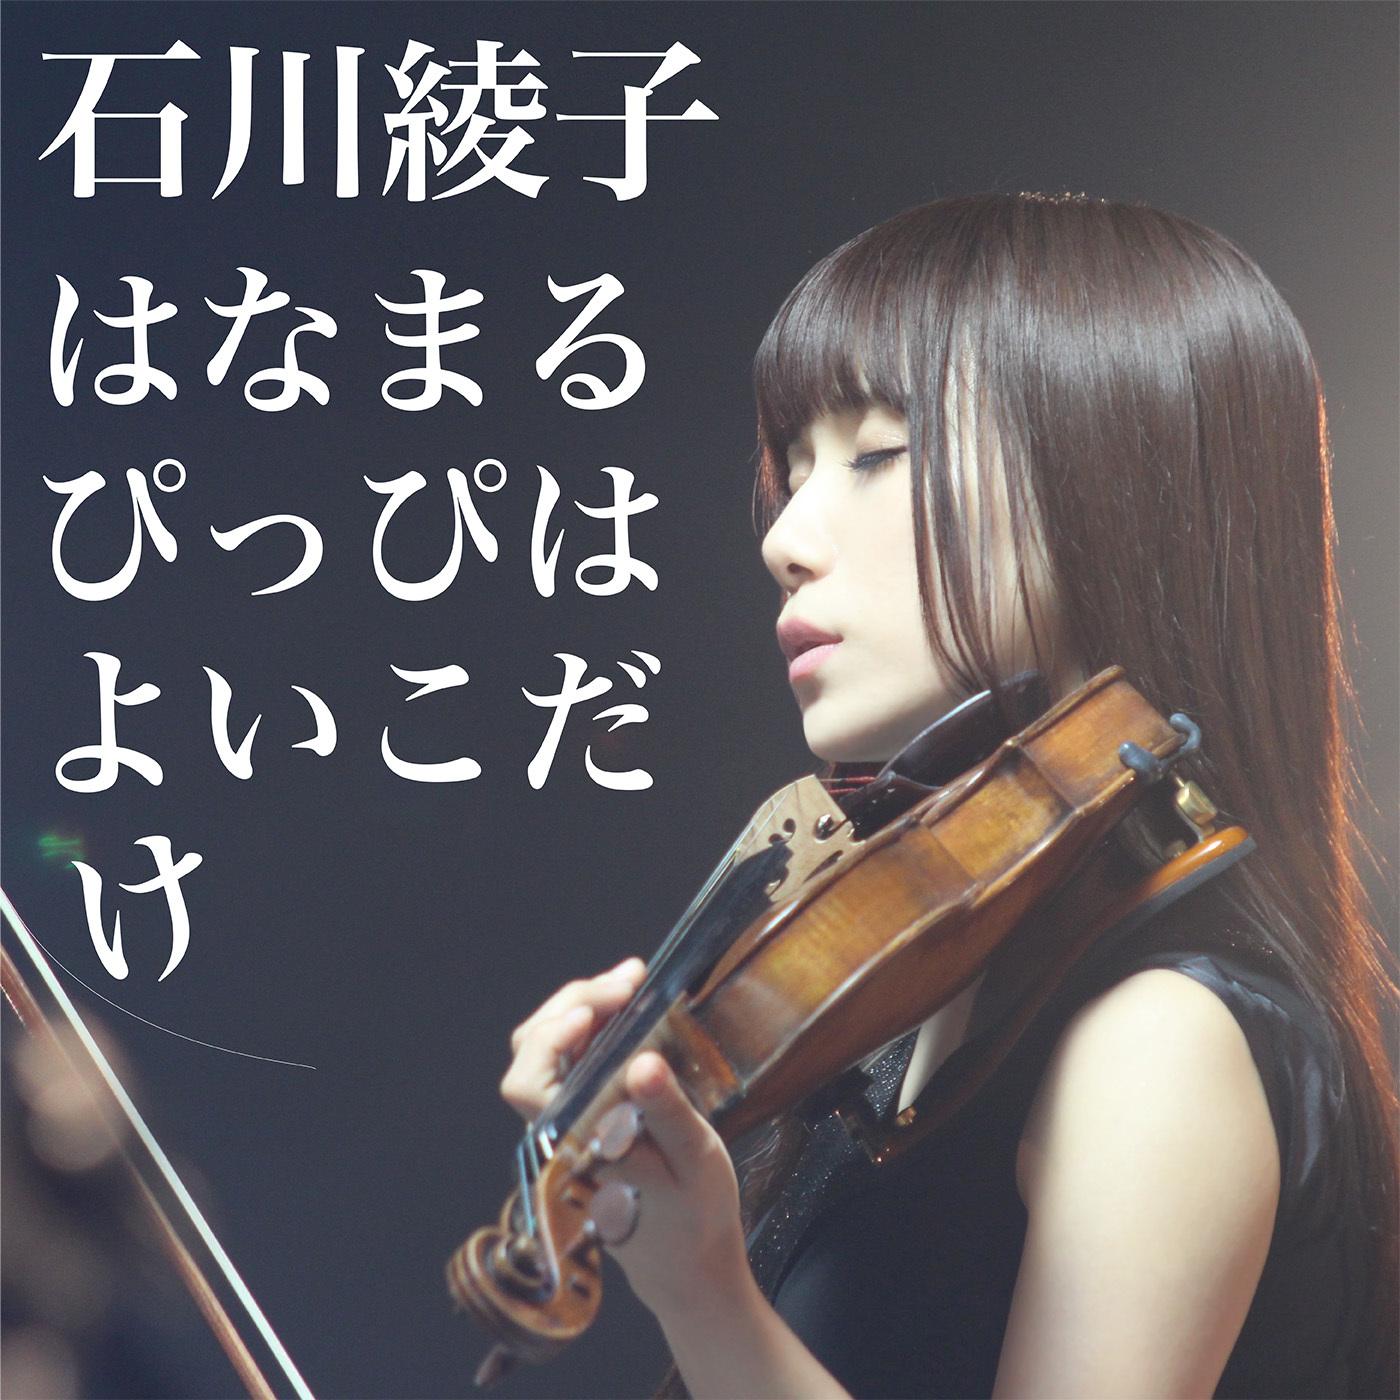 2016年5月25日配信スタート はなまるぴっぴはよいこだけ/石川綾子 iTunes、mora、e-onkyoほか